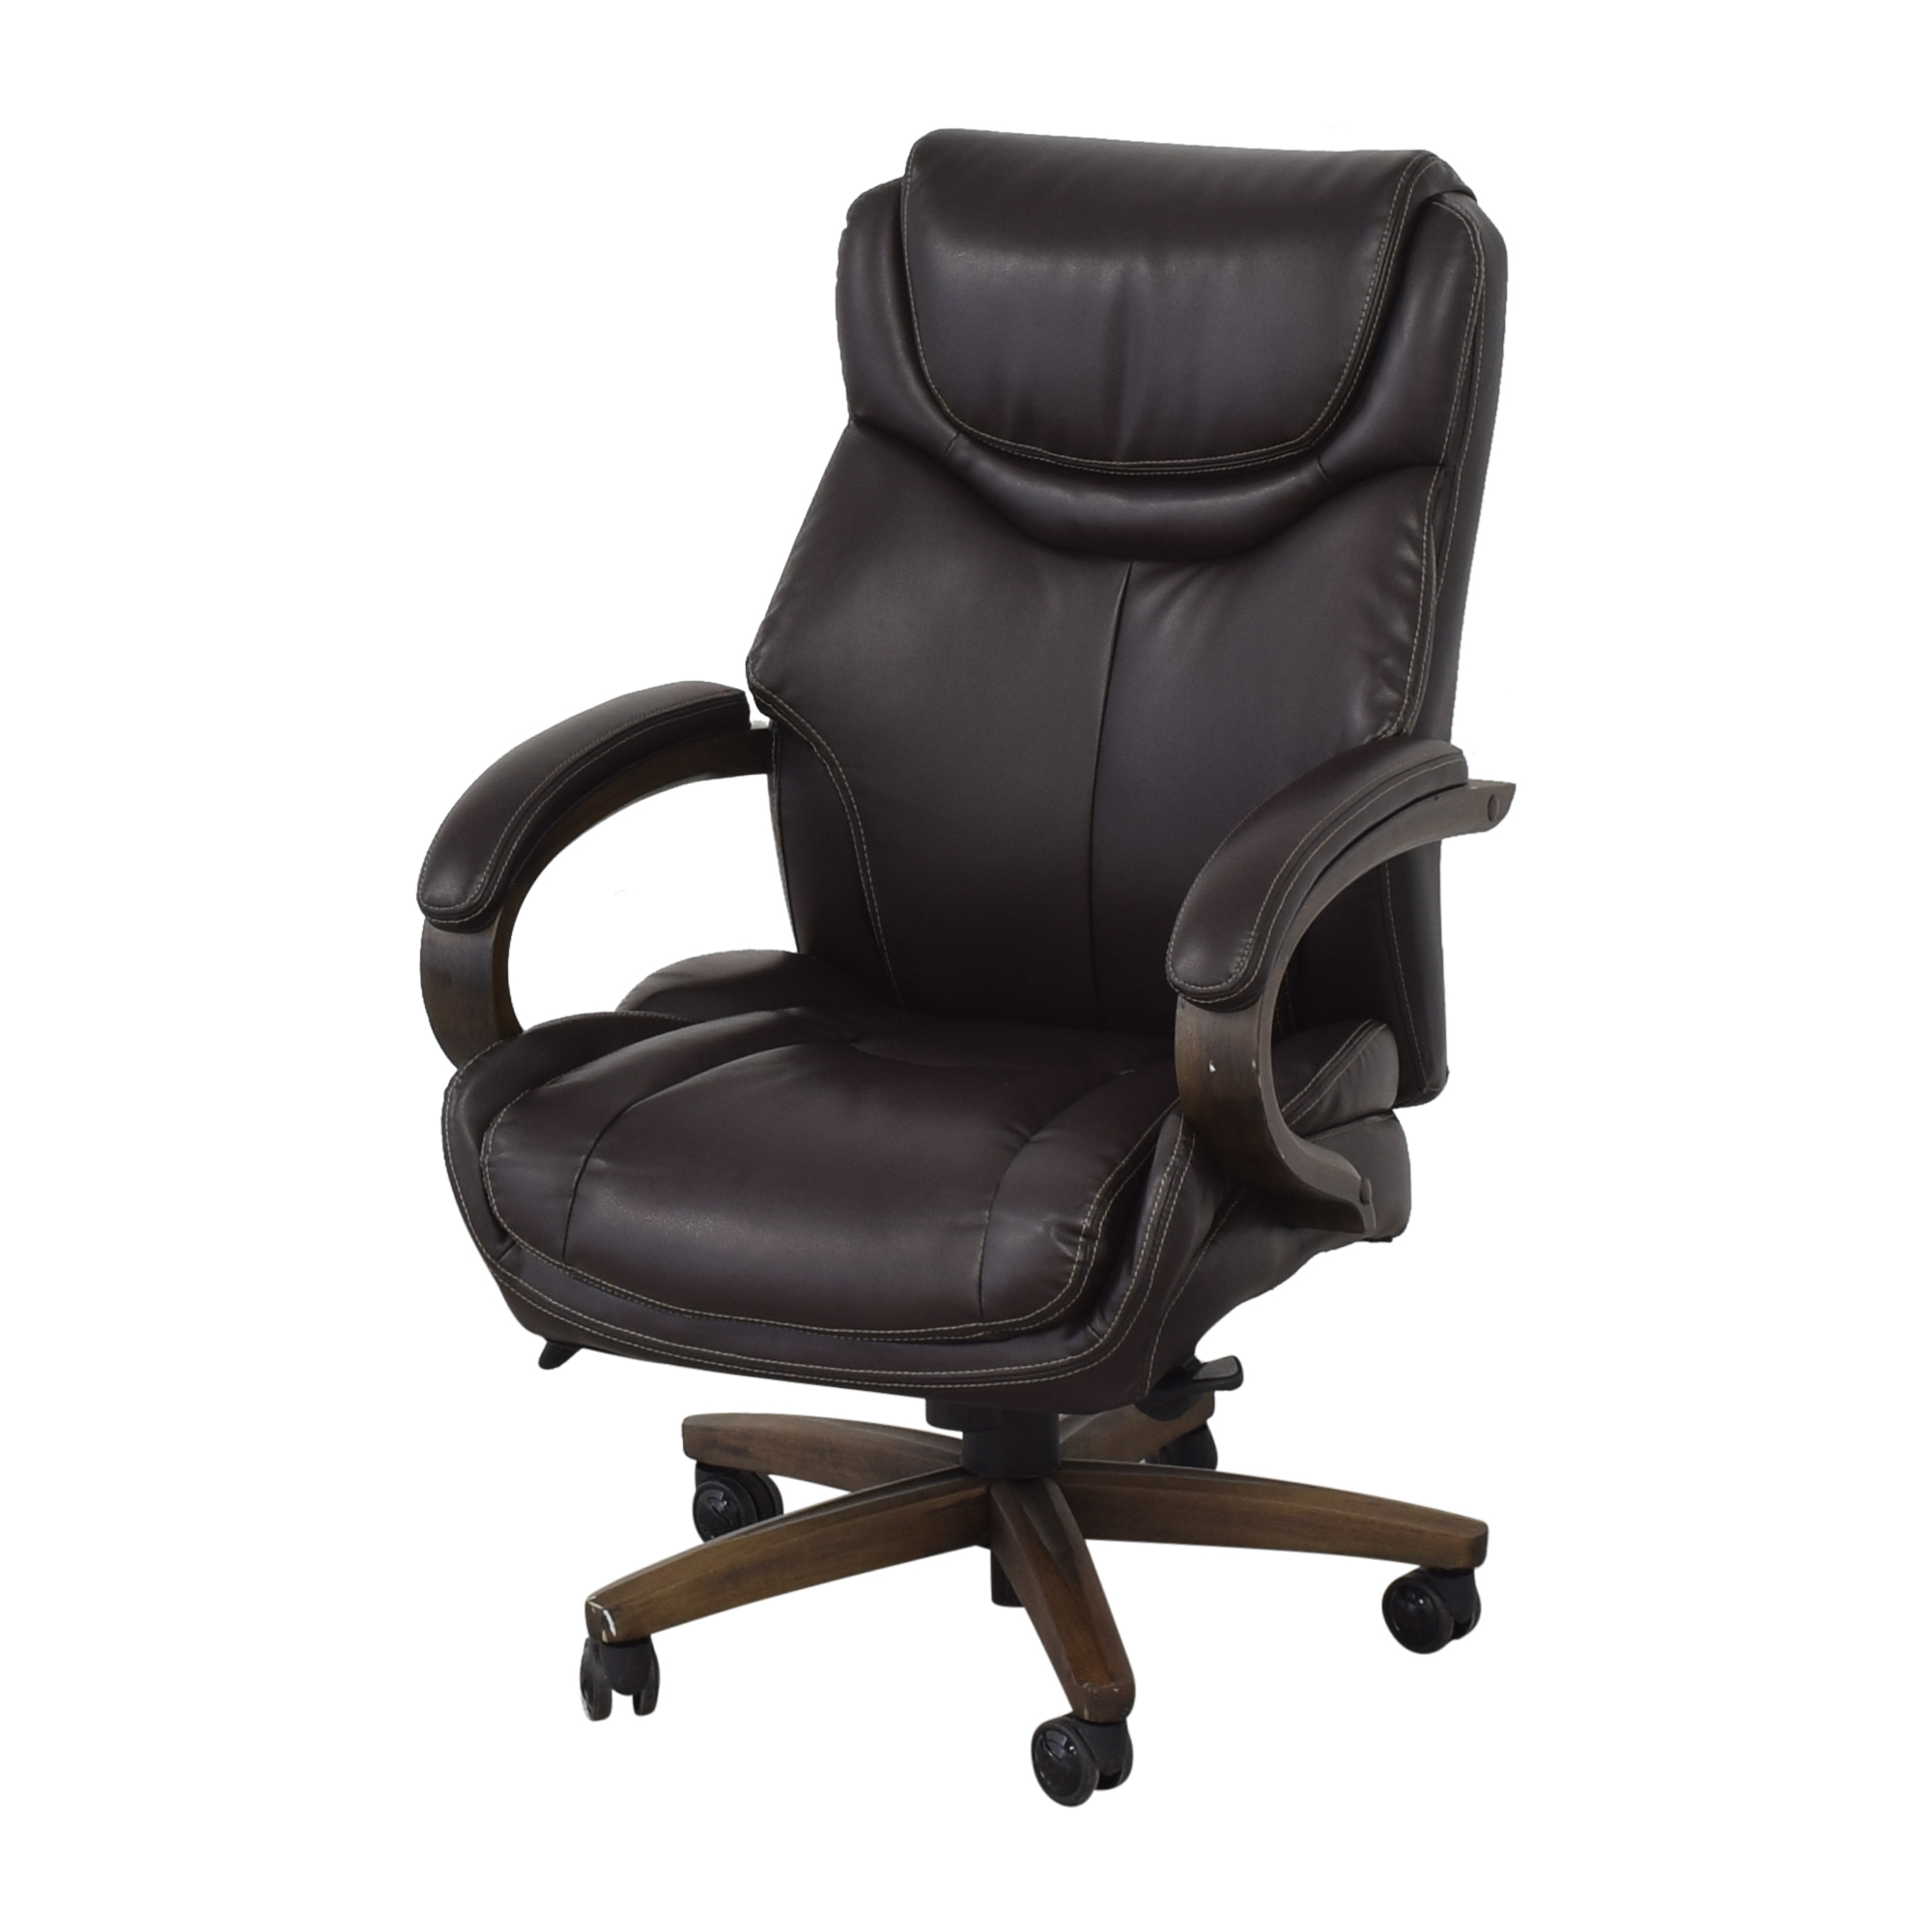 shop La-Z-Boy Executive-Style Office Chair La-Z-Boy